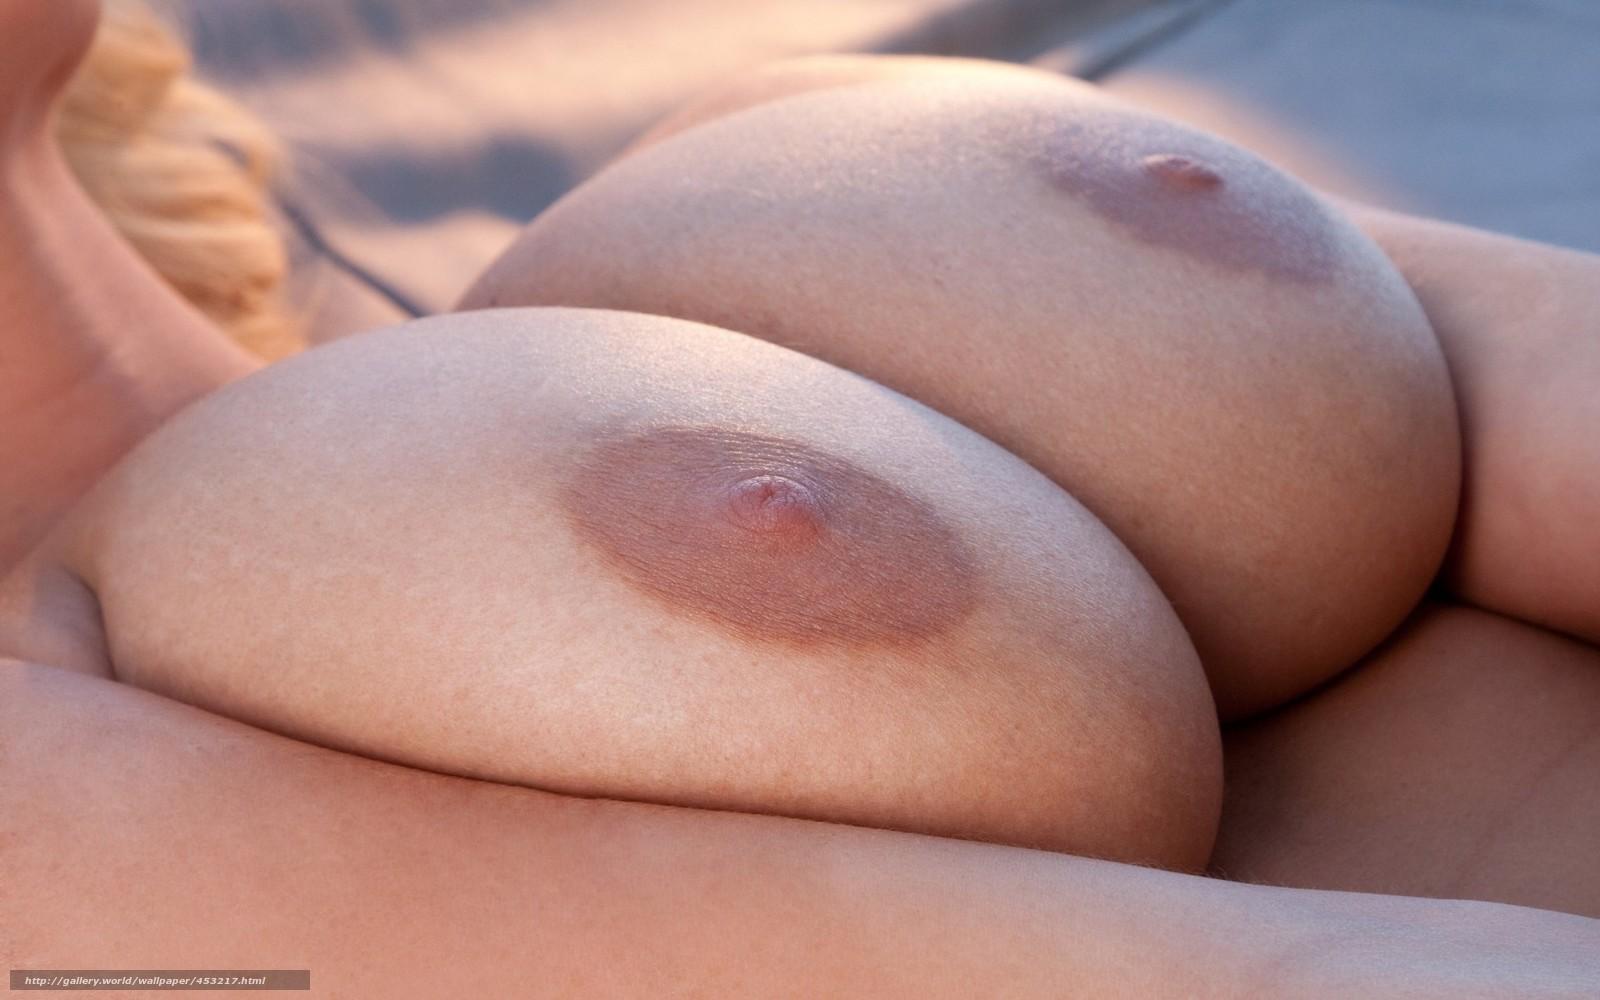 Фото форма сосков женских грудей 21 фотография